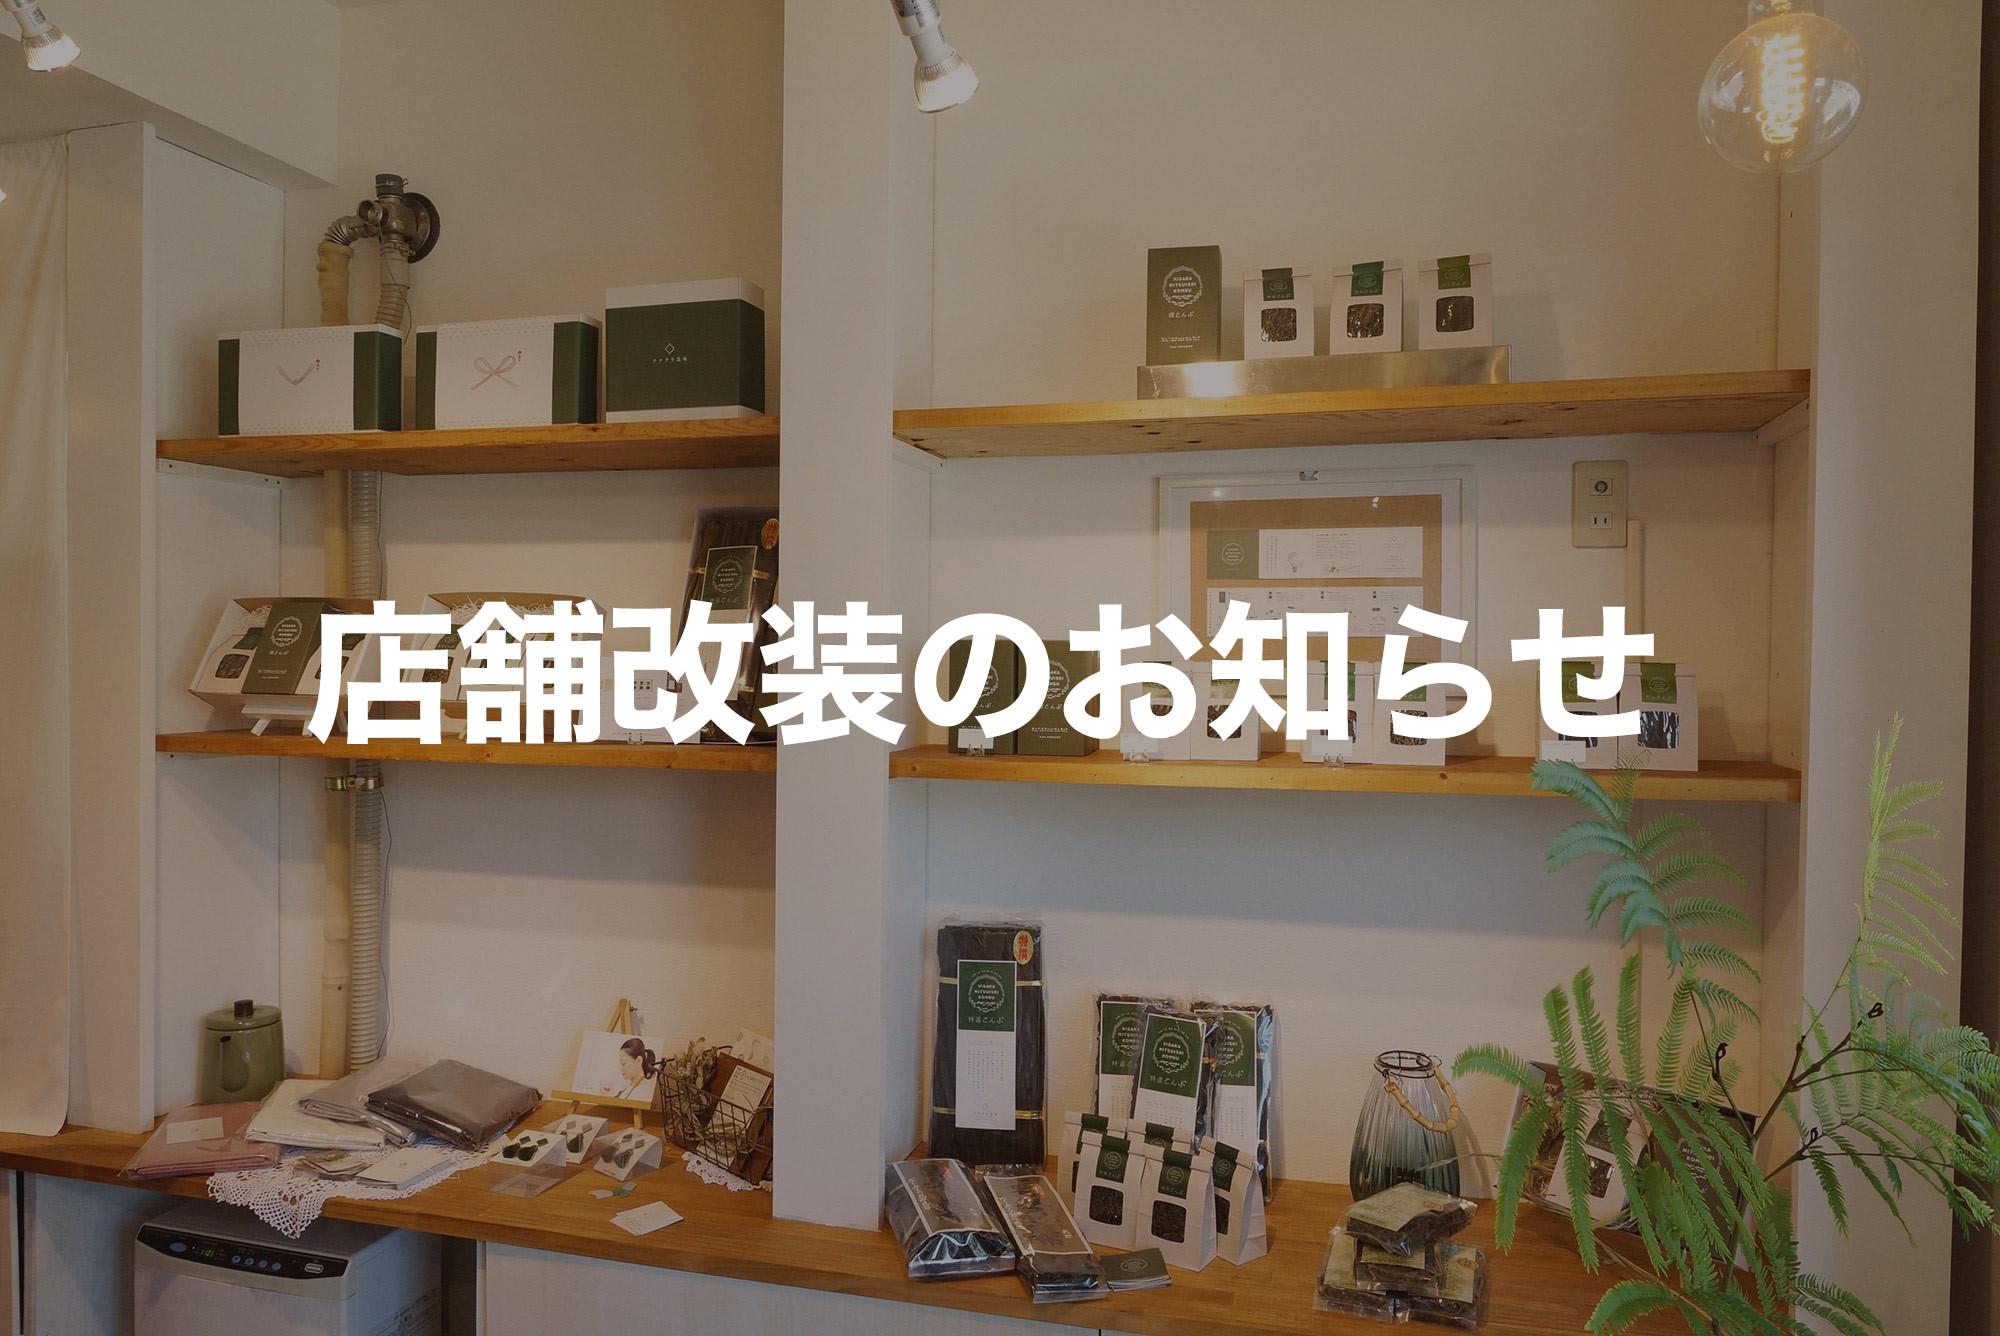 実店舗営業日について【店舗改装のお知らせ】